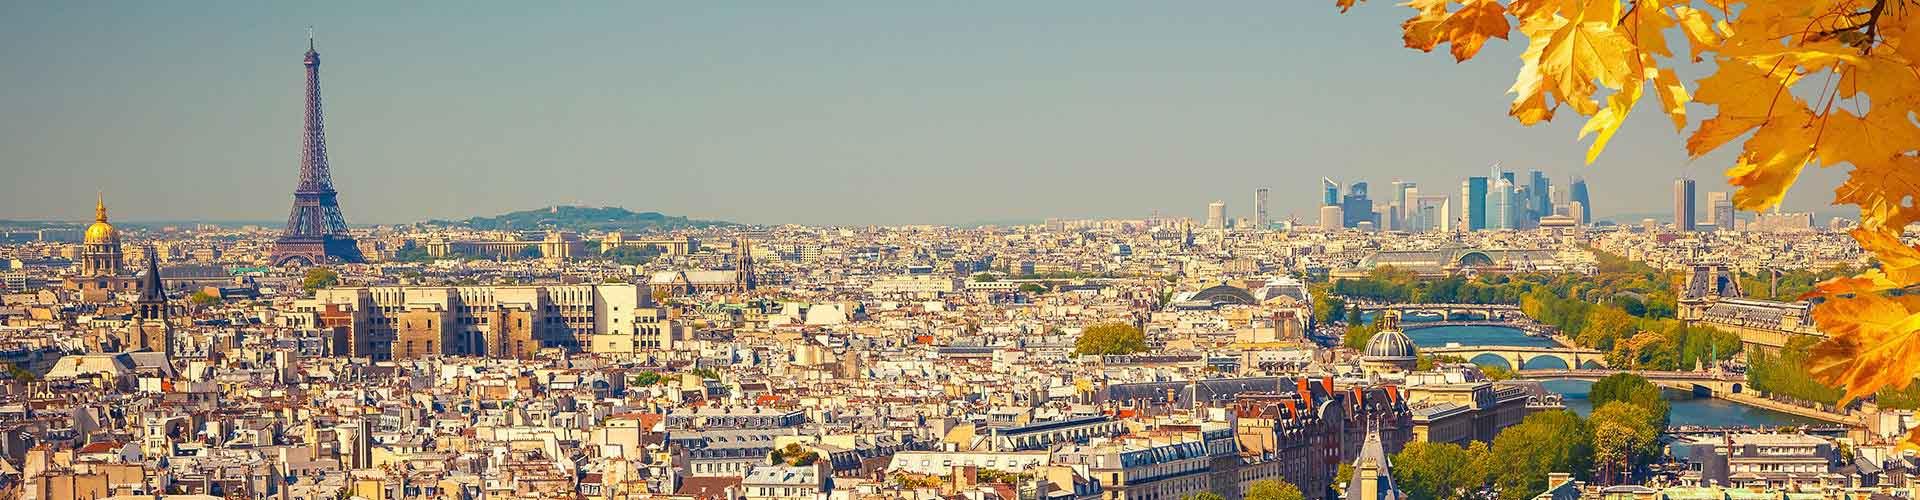 파리 - 파리에 위치한 호텔.  파리의 지도, 파리에 위치한 호텔에 대한 사진 및 리뷰.